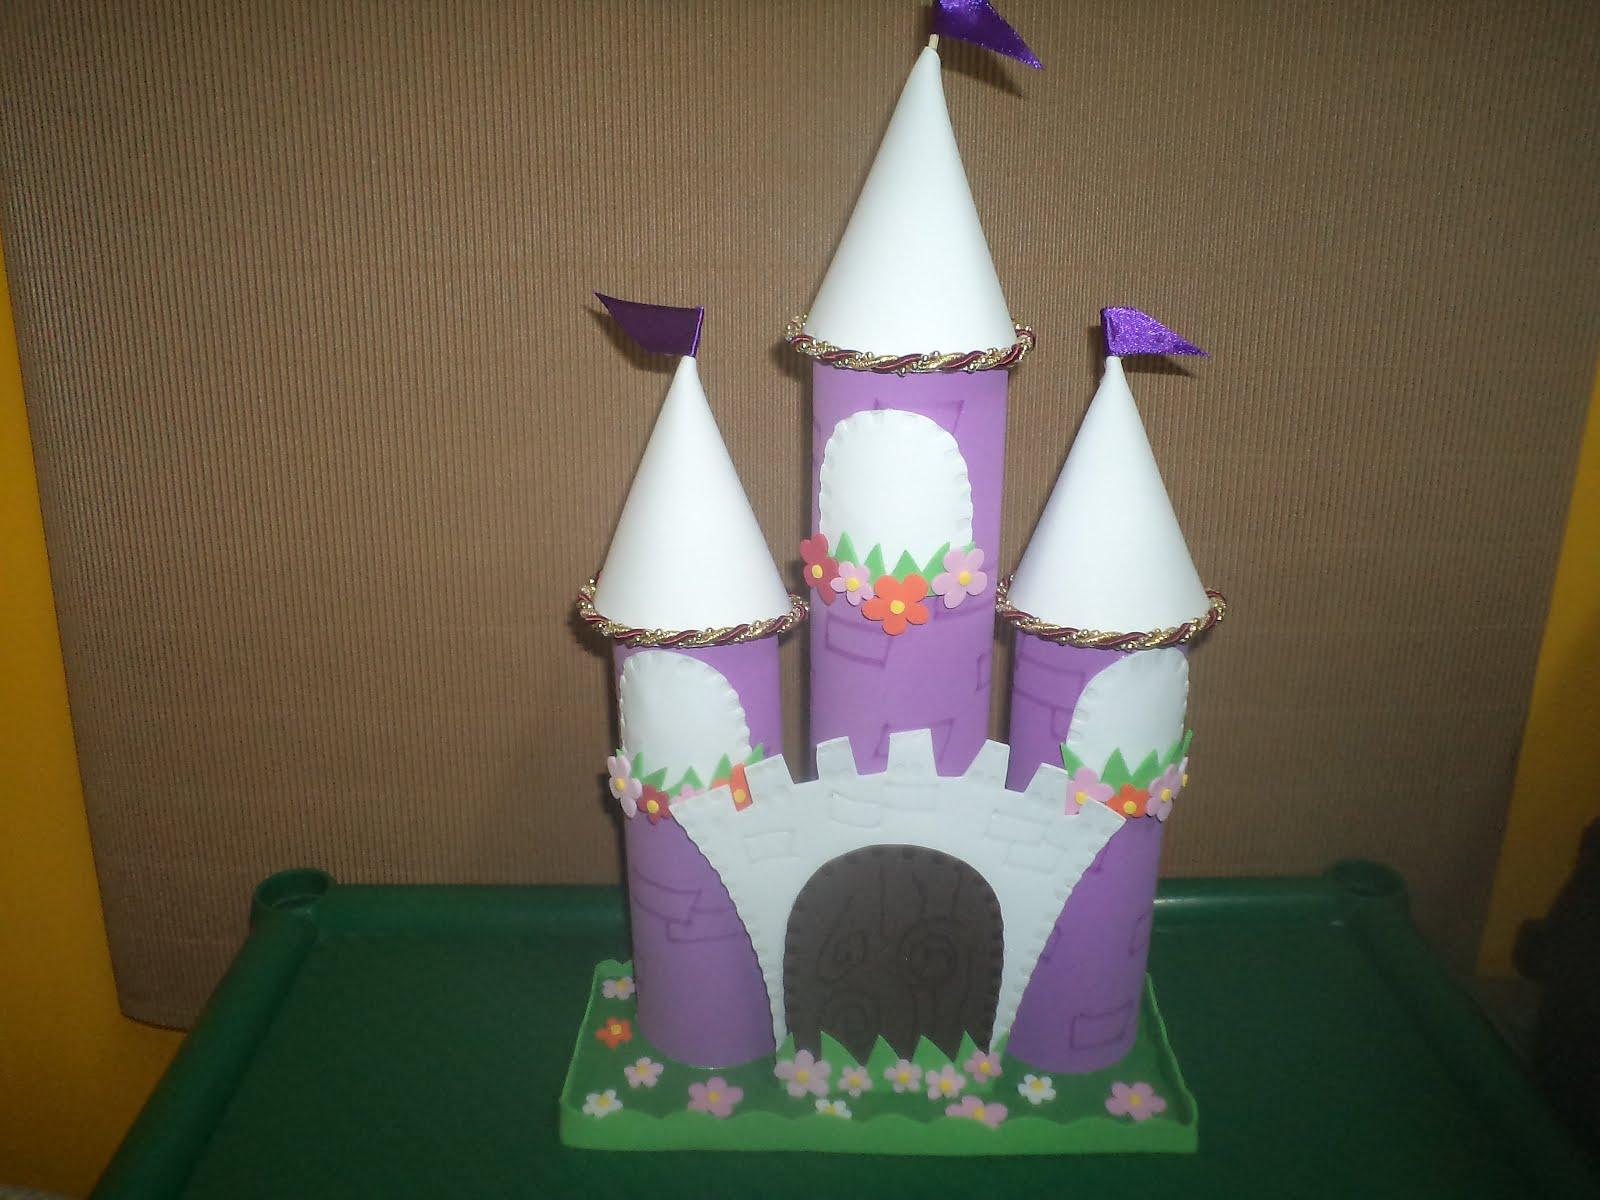 Imágenes de castillos en goma eva - Imagui